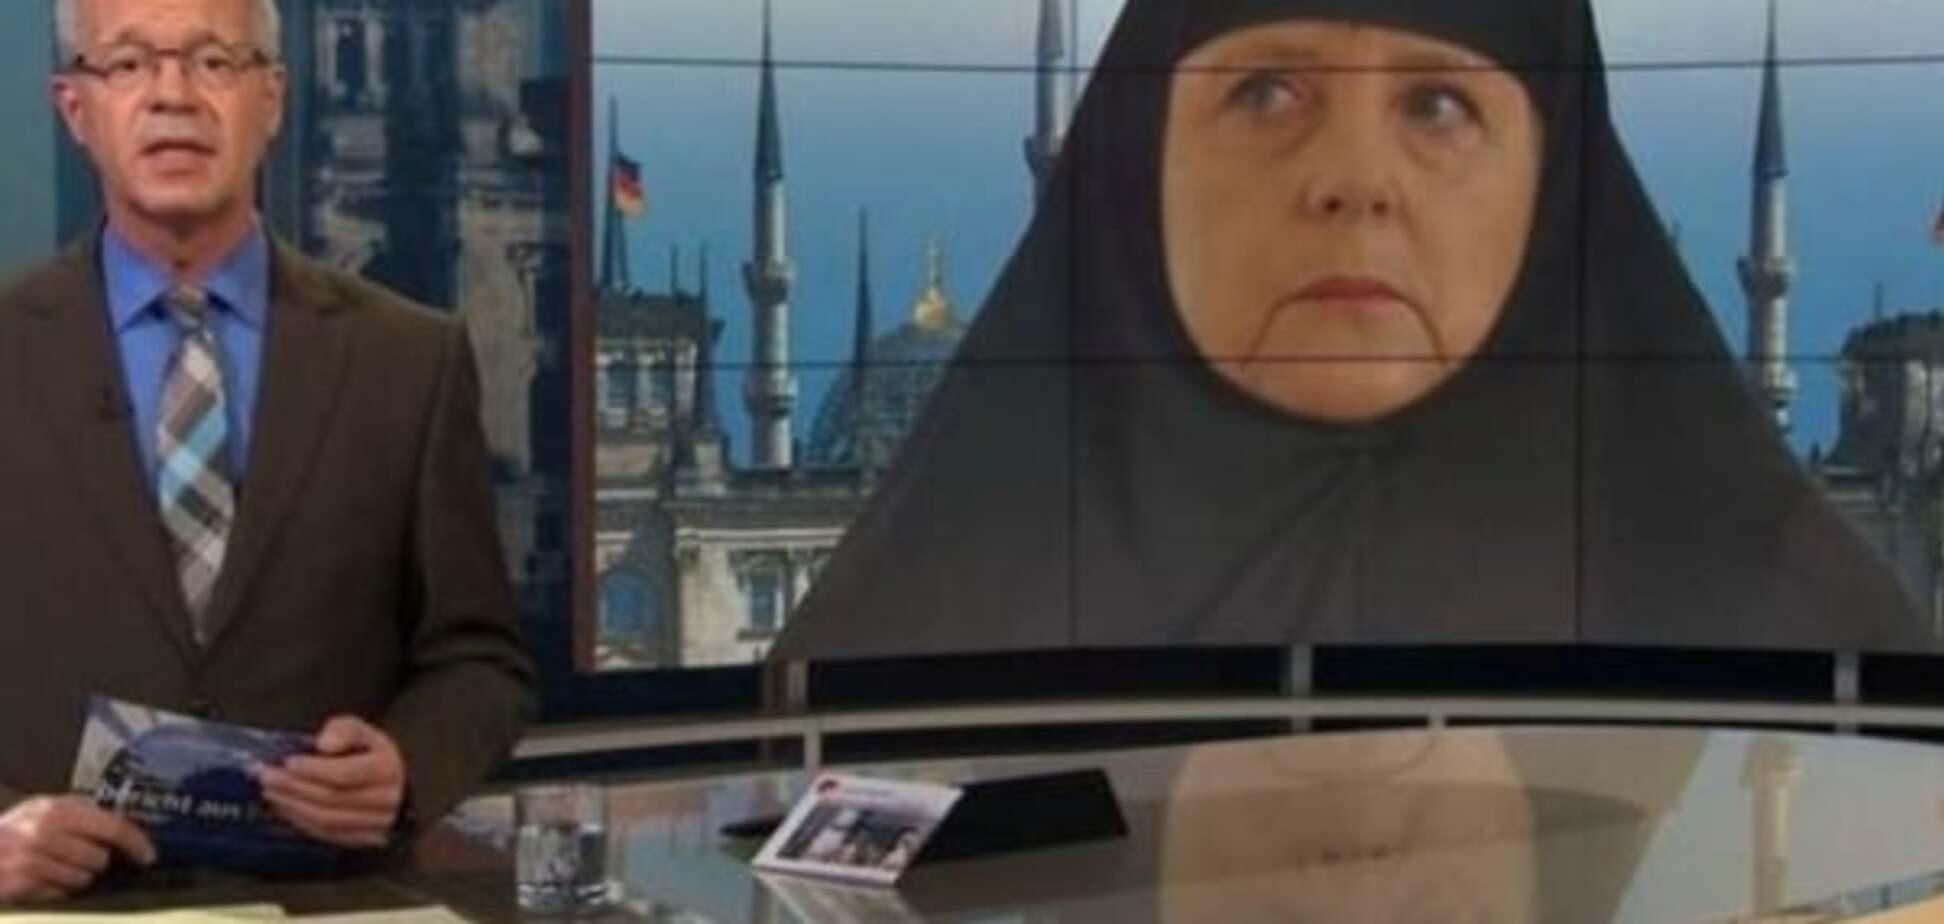 Карикатура на Меркель вызвала скандал среди мусульман